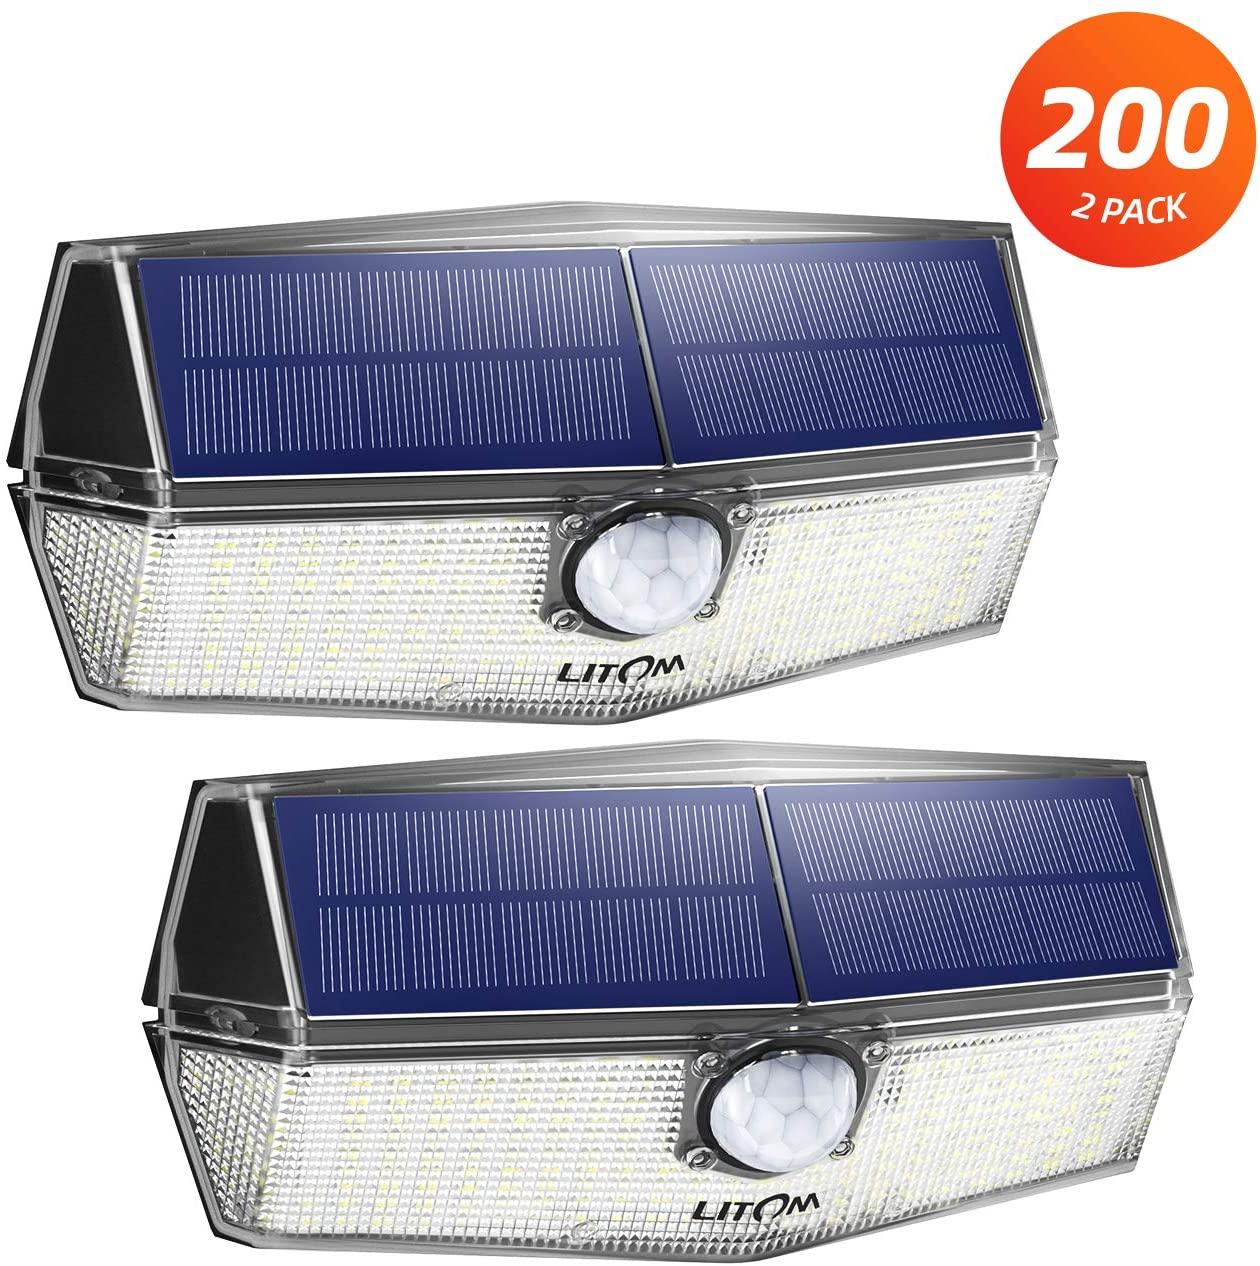 2 Set di Luce con Pannello Solare 200 LED Litom